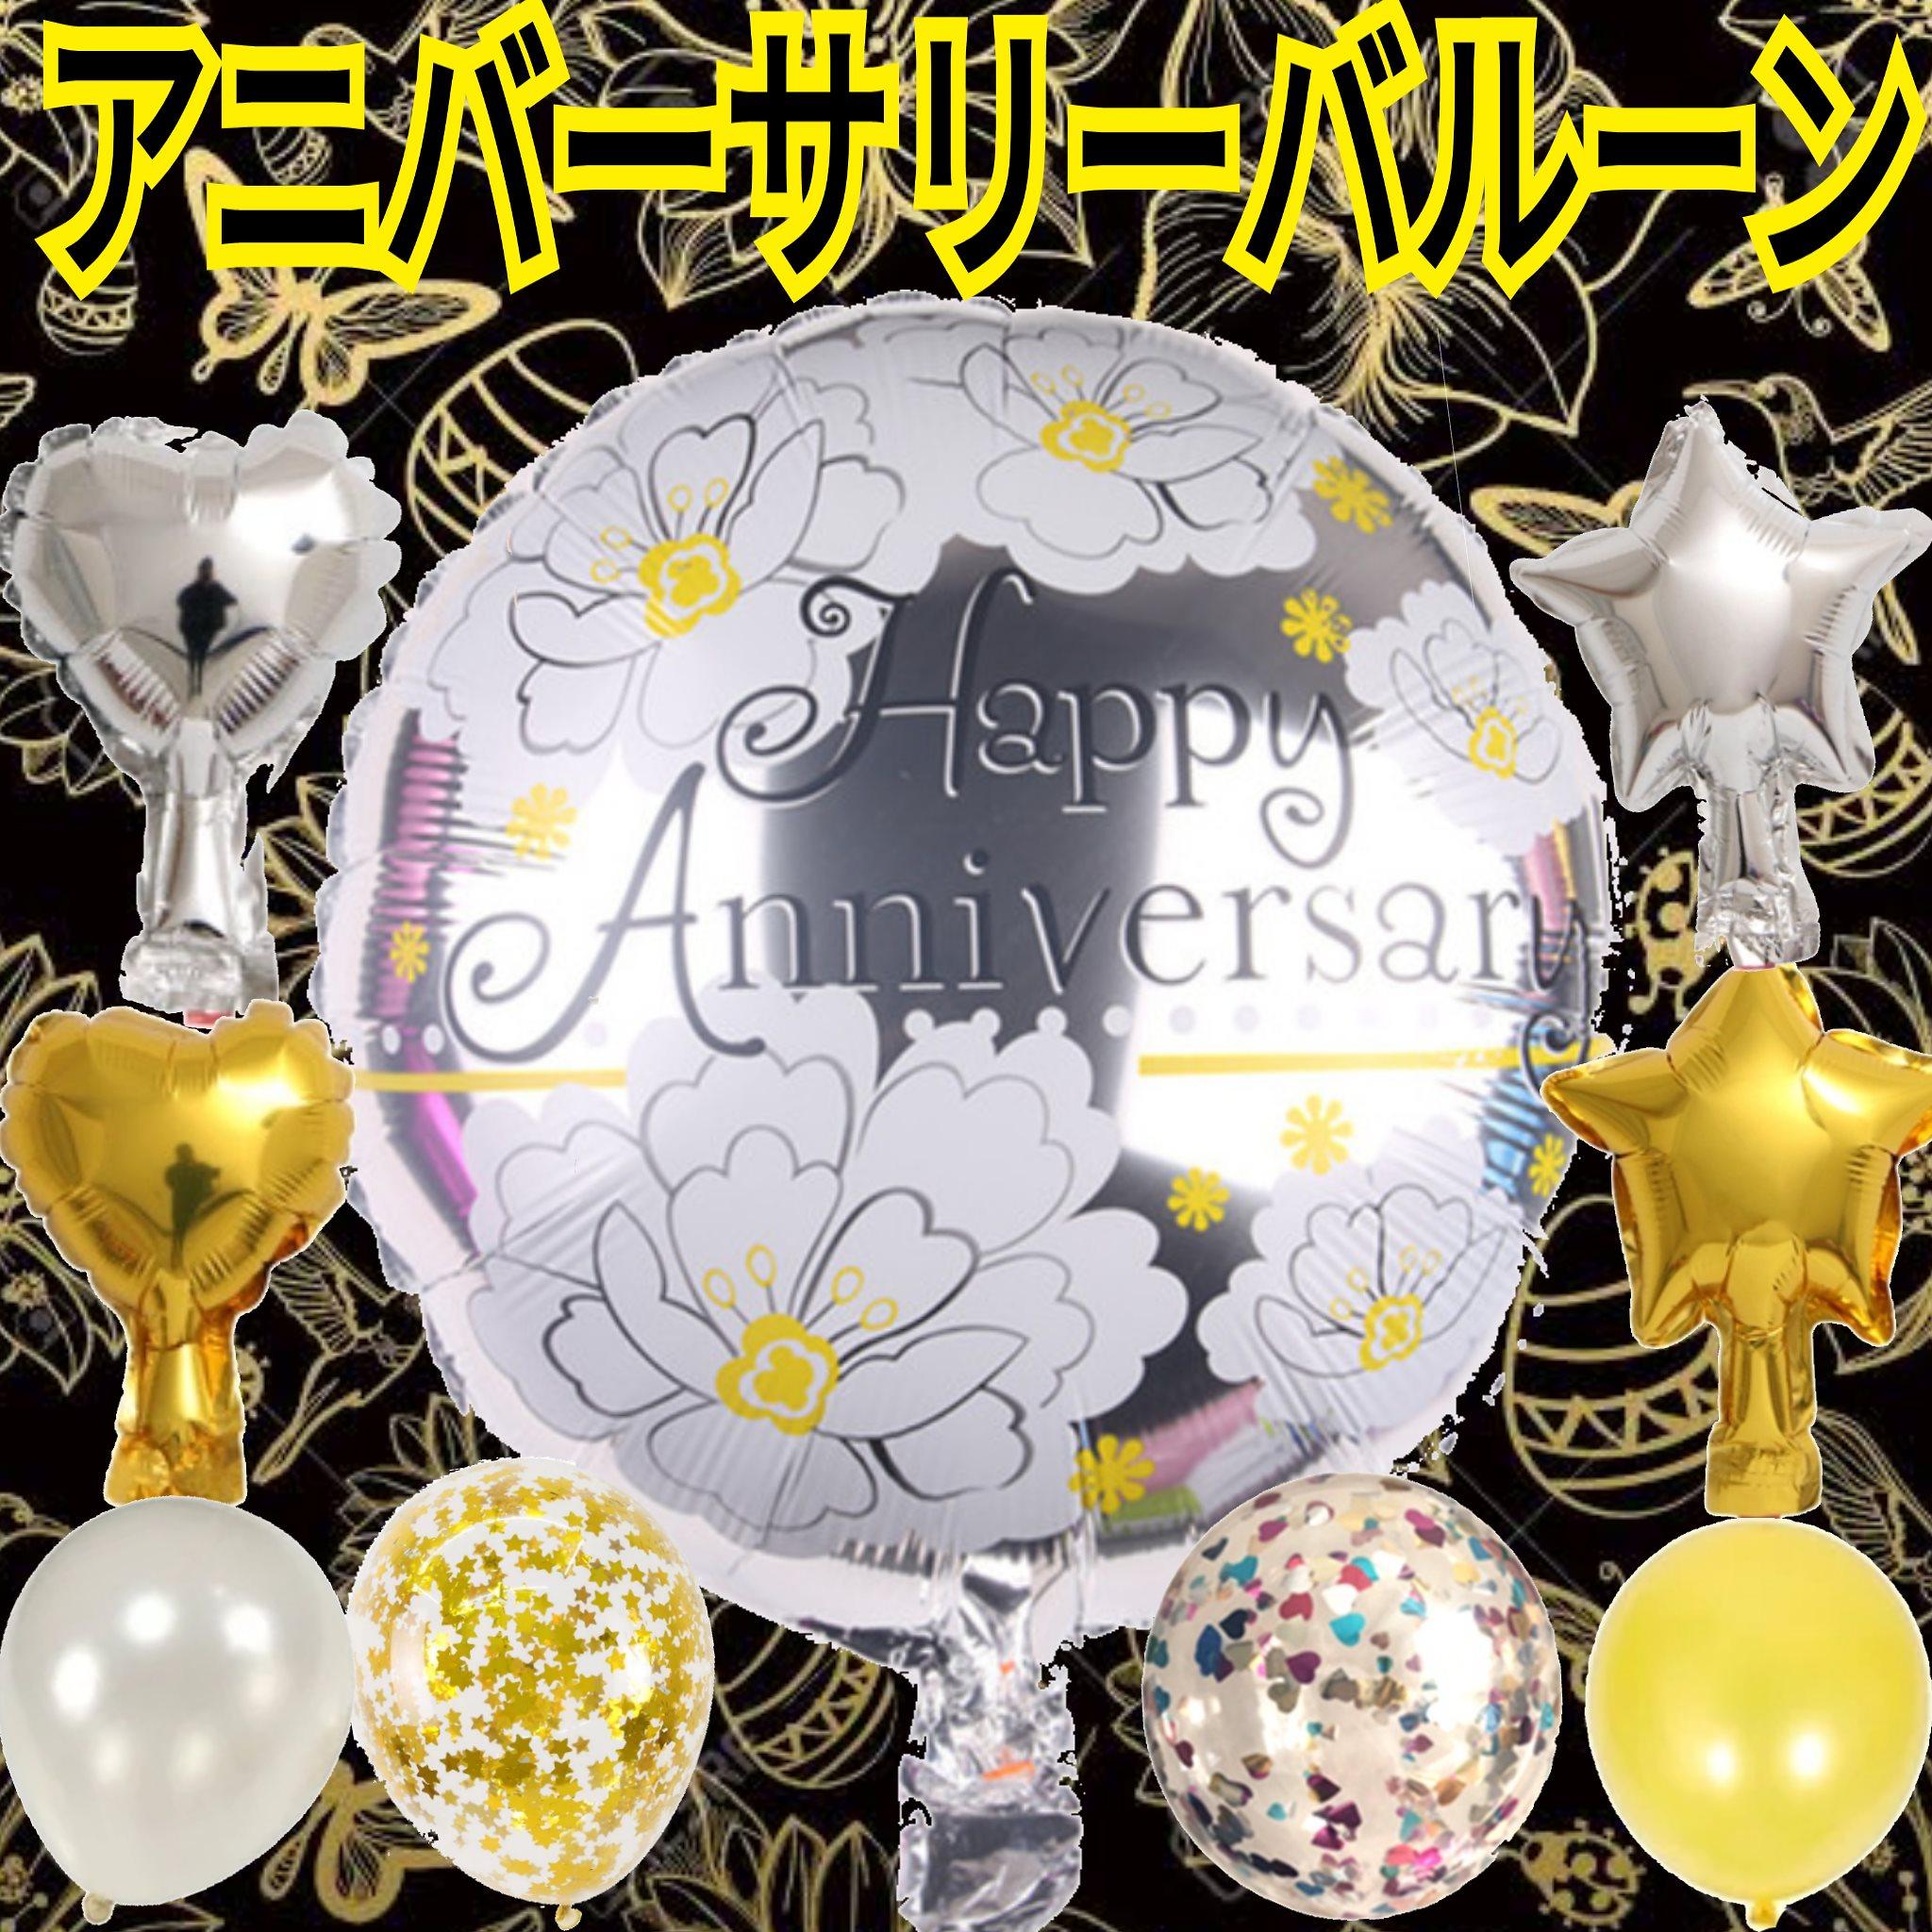 【アニバーサリー】記念日 Anniversary バルーンセット!風船